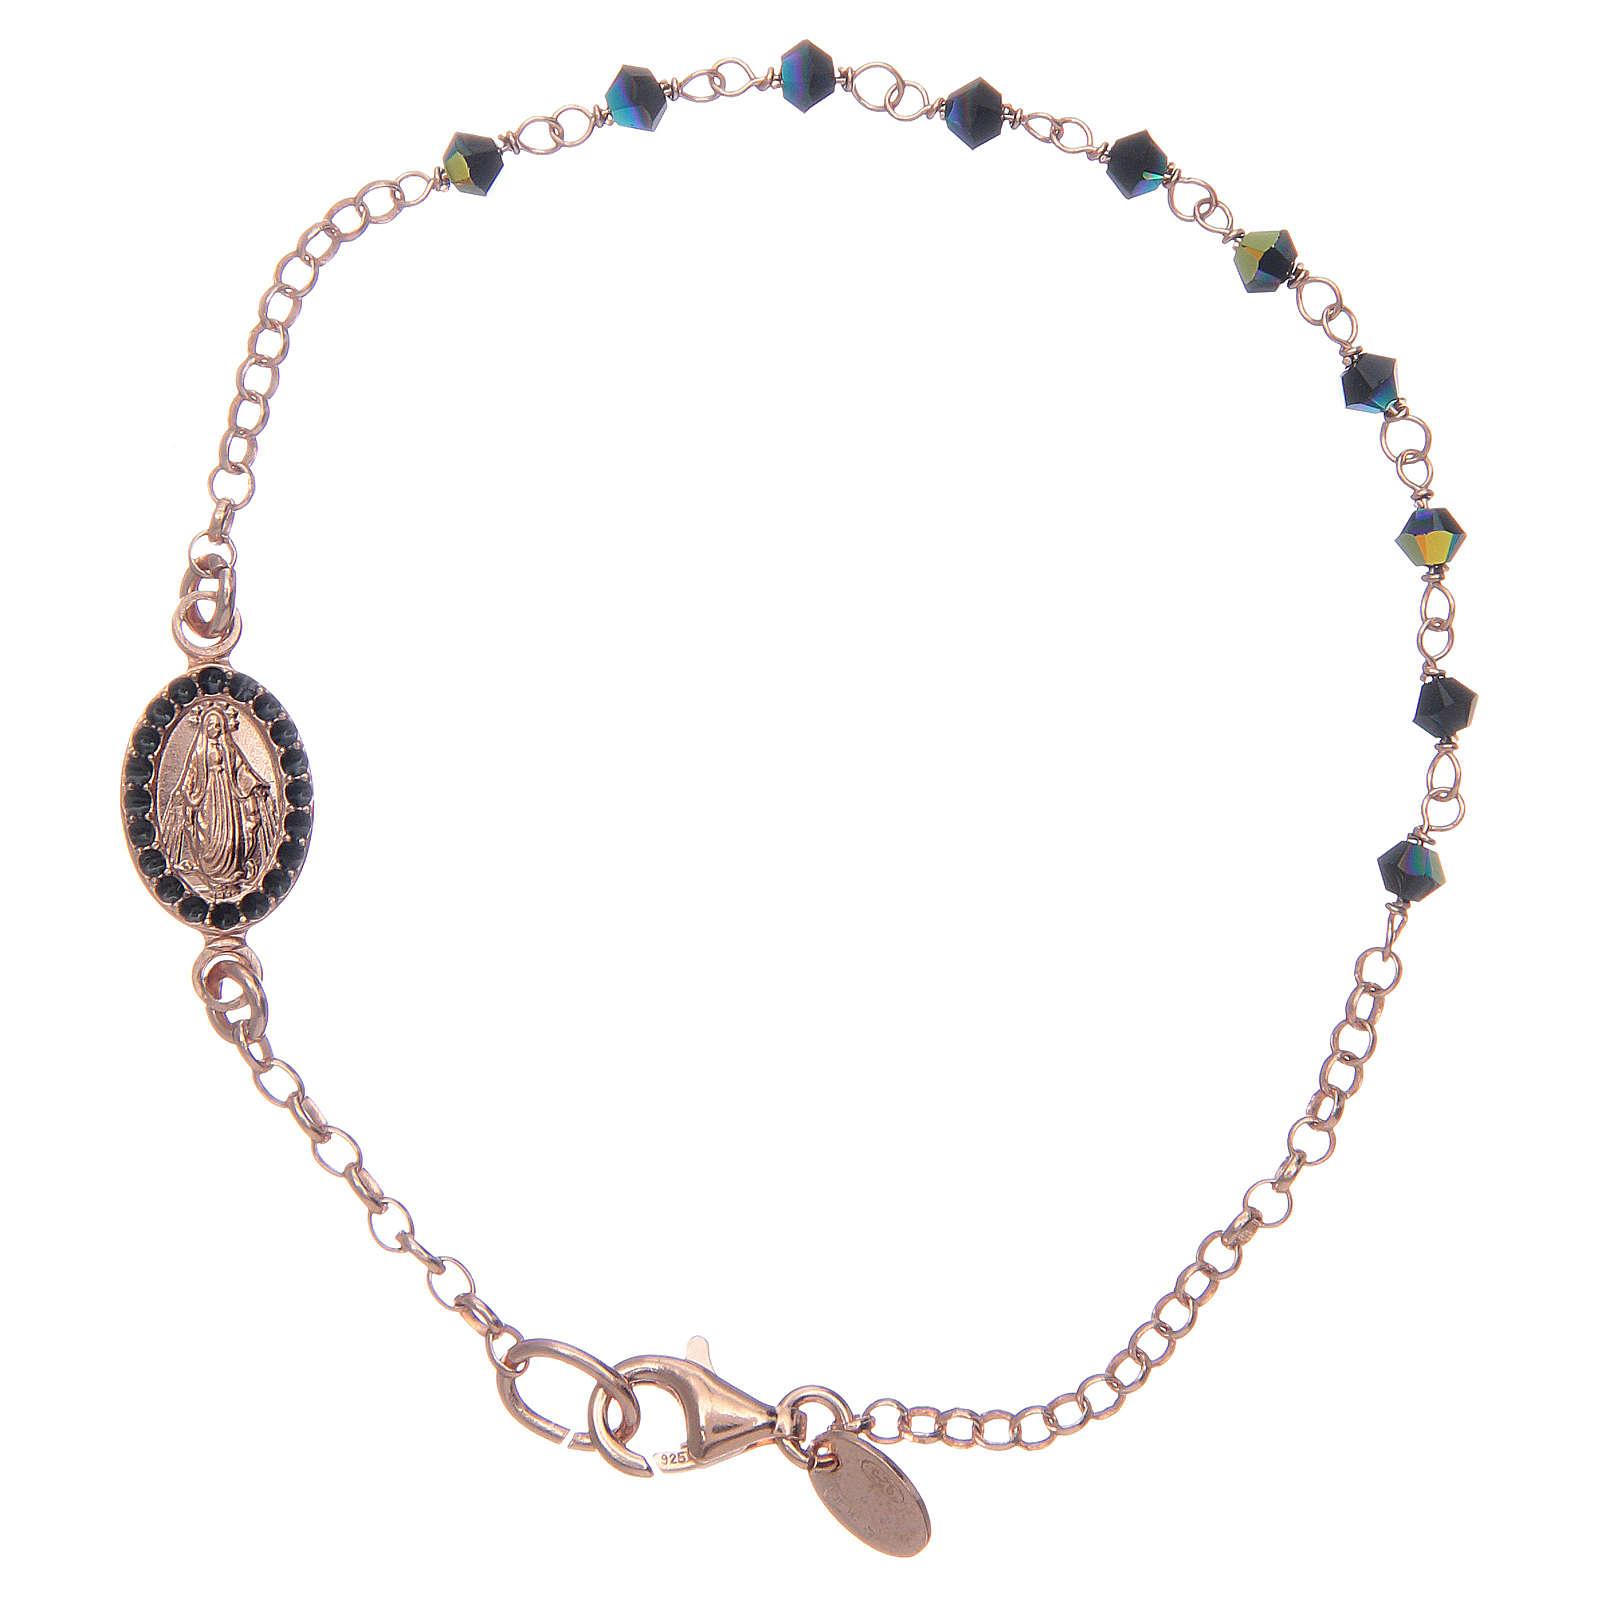 Bracelet in 925 sterling silver blue with Swarovski 4